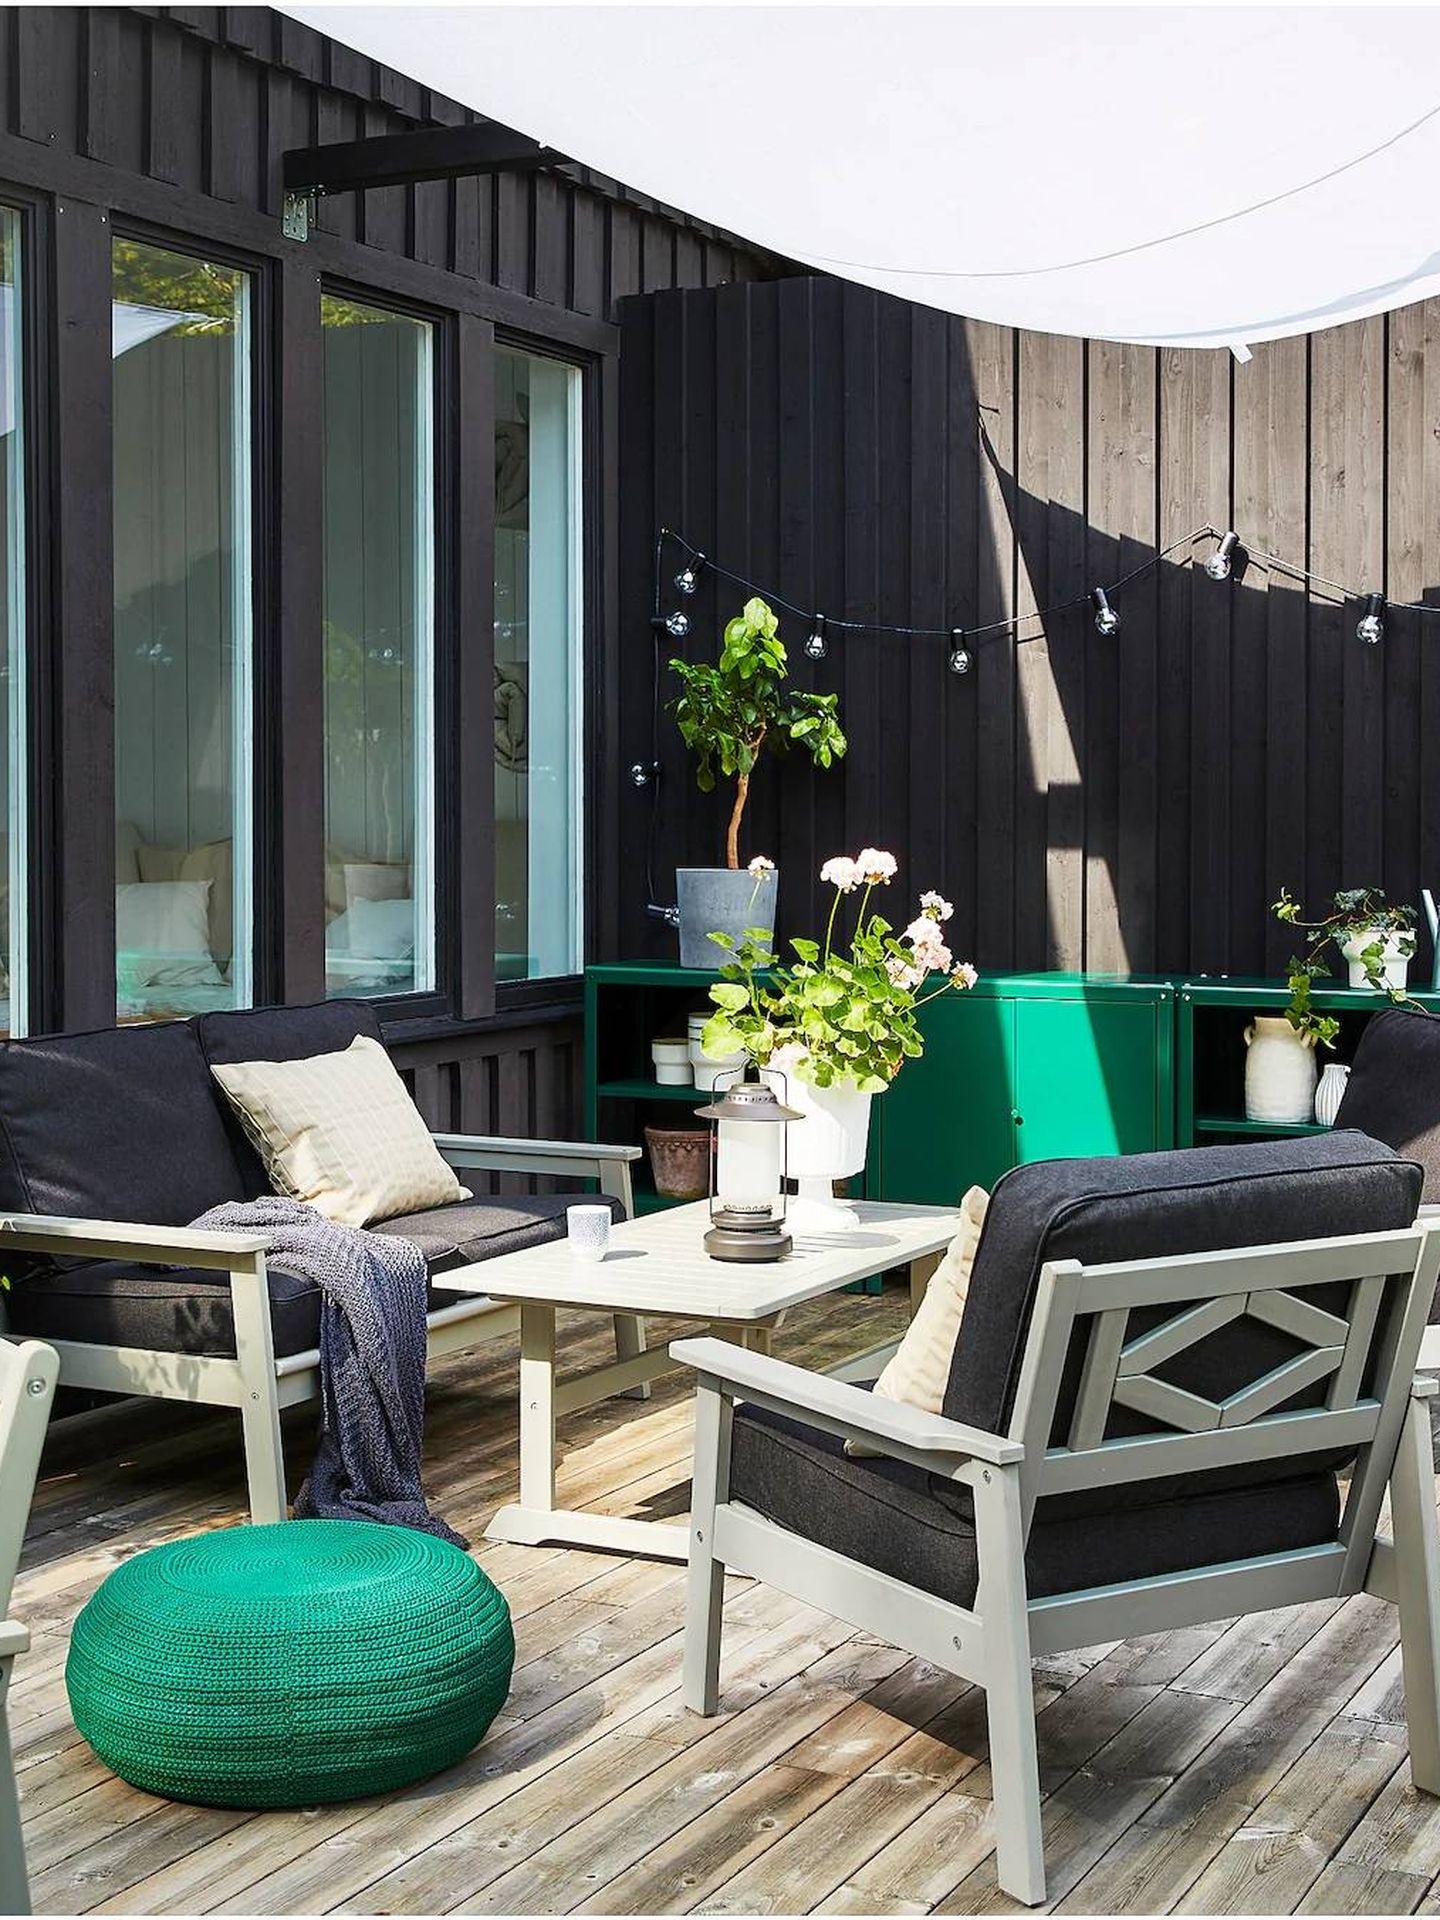 Con este sofá de Ikea puedes disfrutar de tu terraza o jardín. (Cortesía)